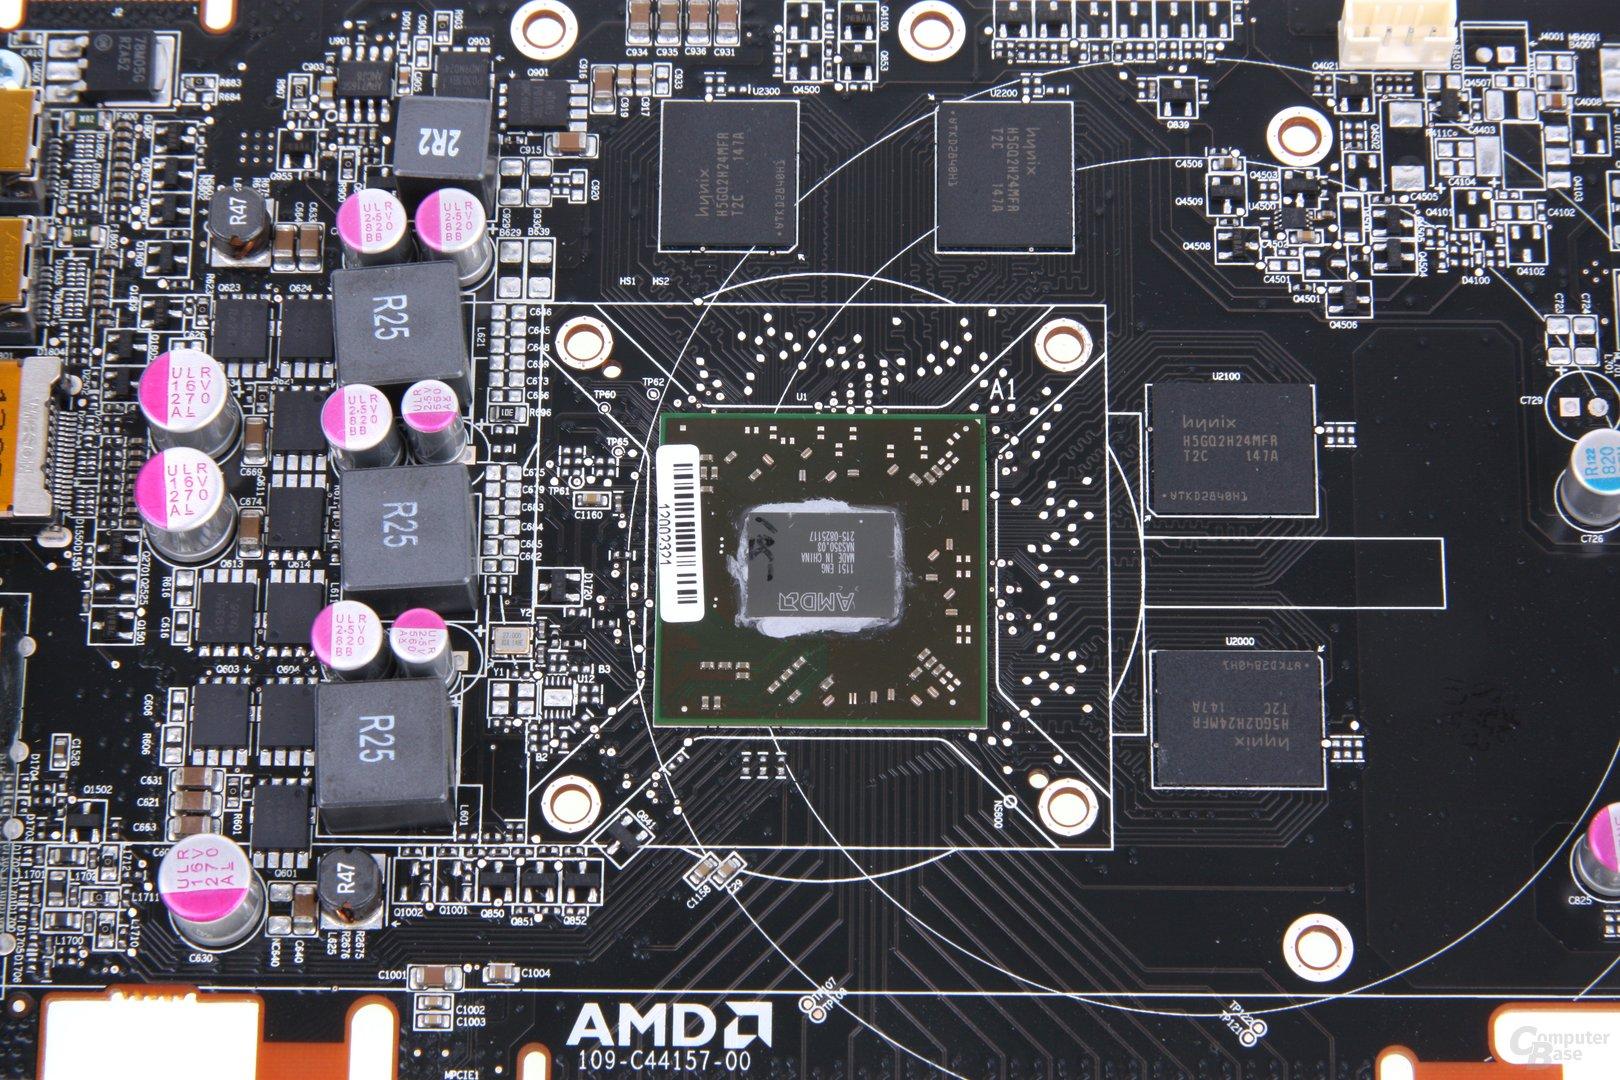 Radeon HD 7750 V2 GPU und Speicher